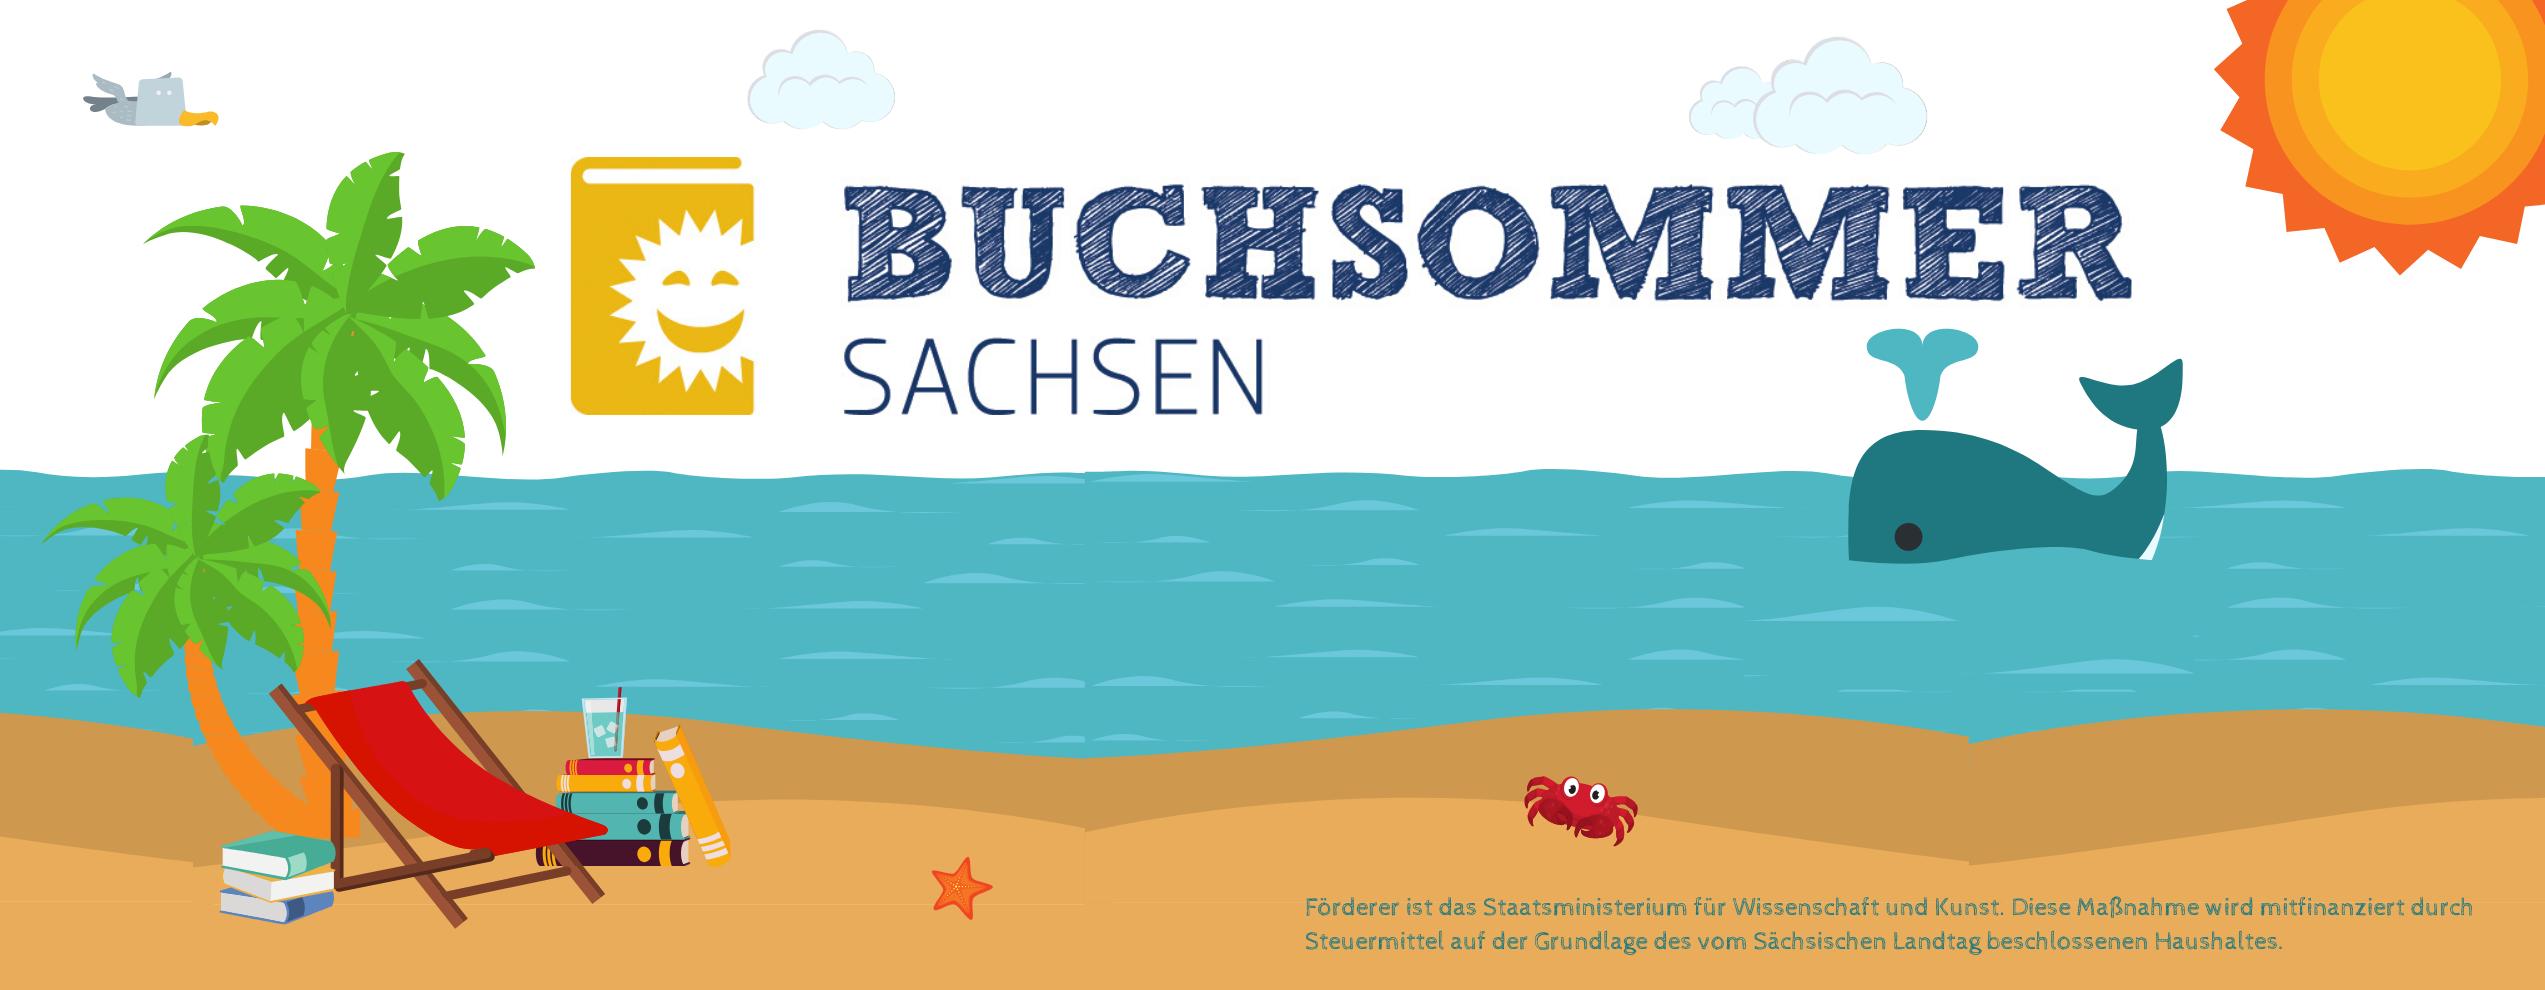 Buchsommer-Start am 06. Juli!